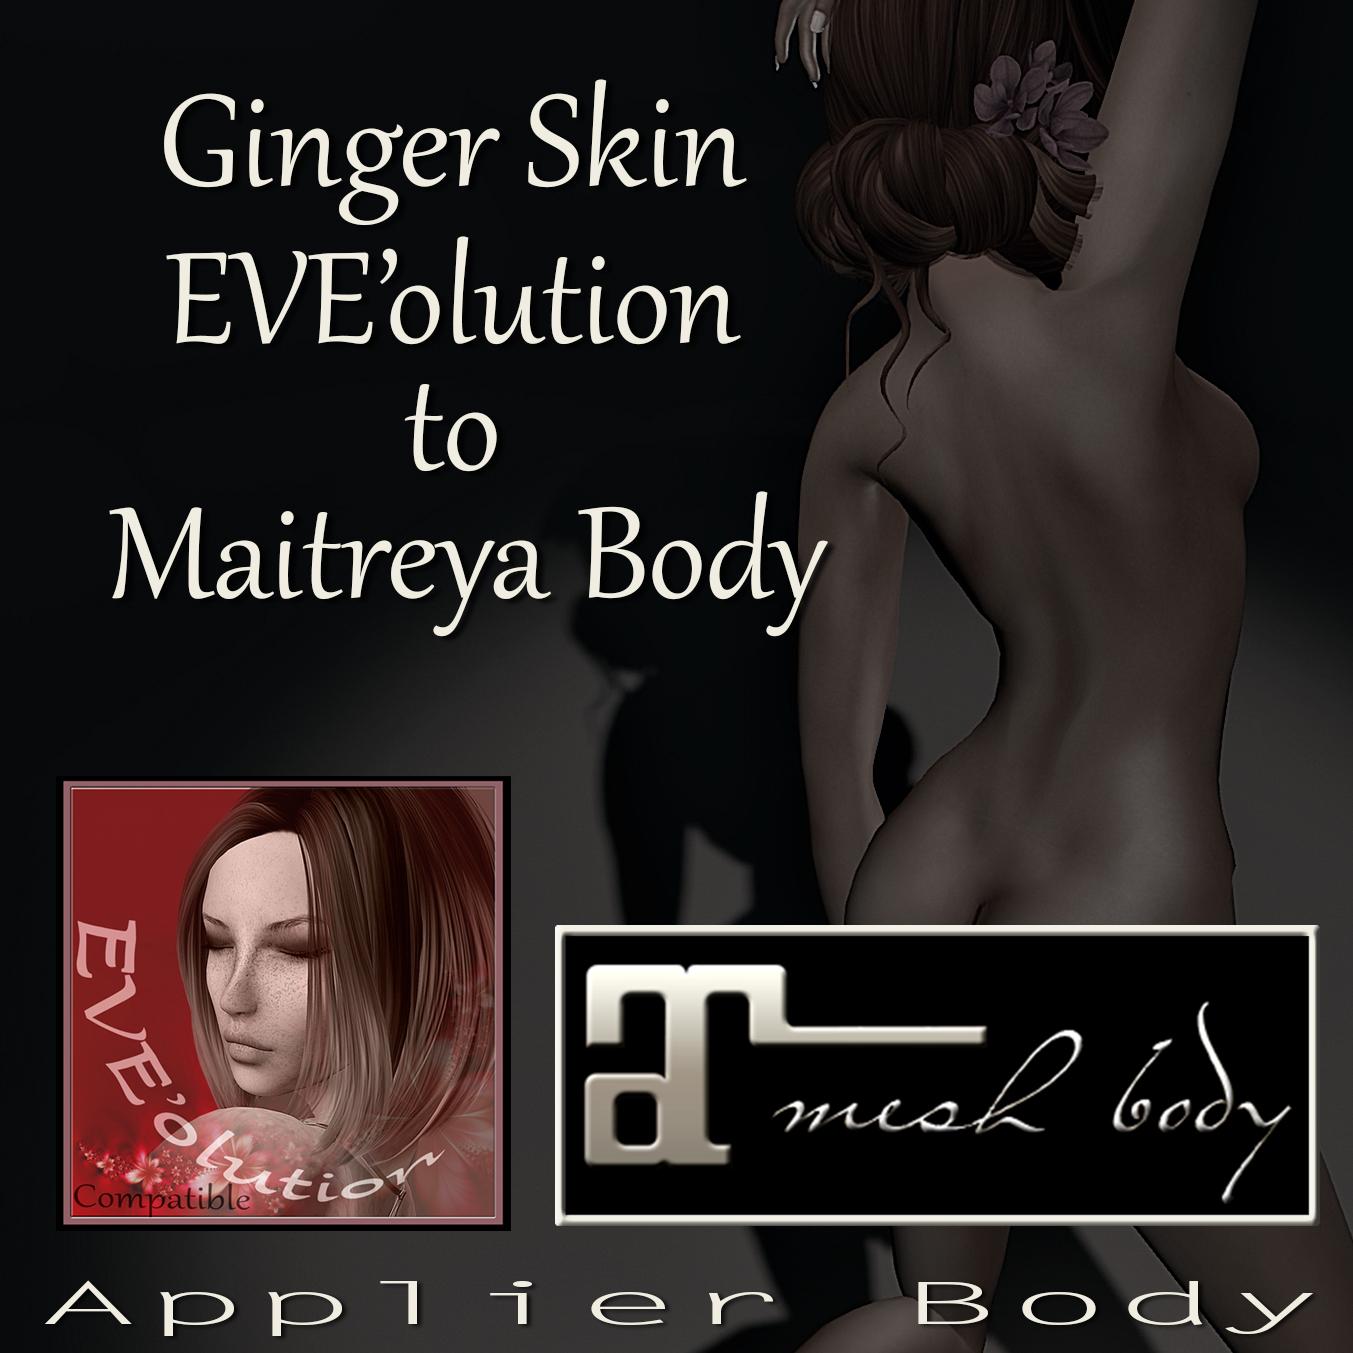 EVE'olution To maitreya body | EVE & ADAM